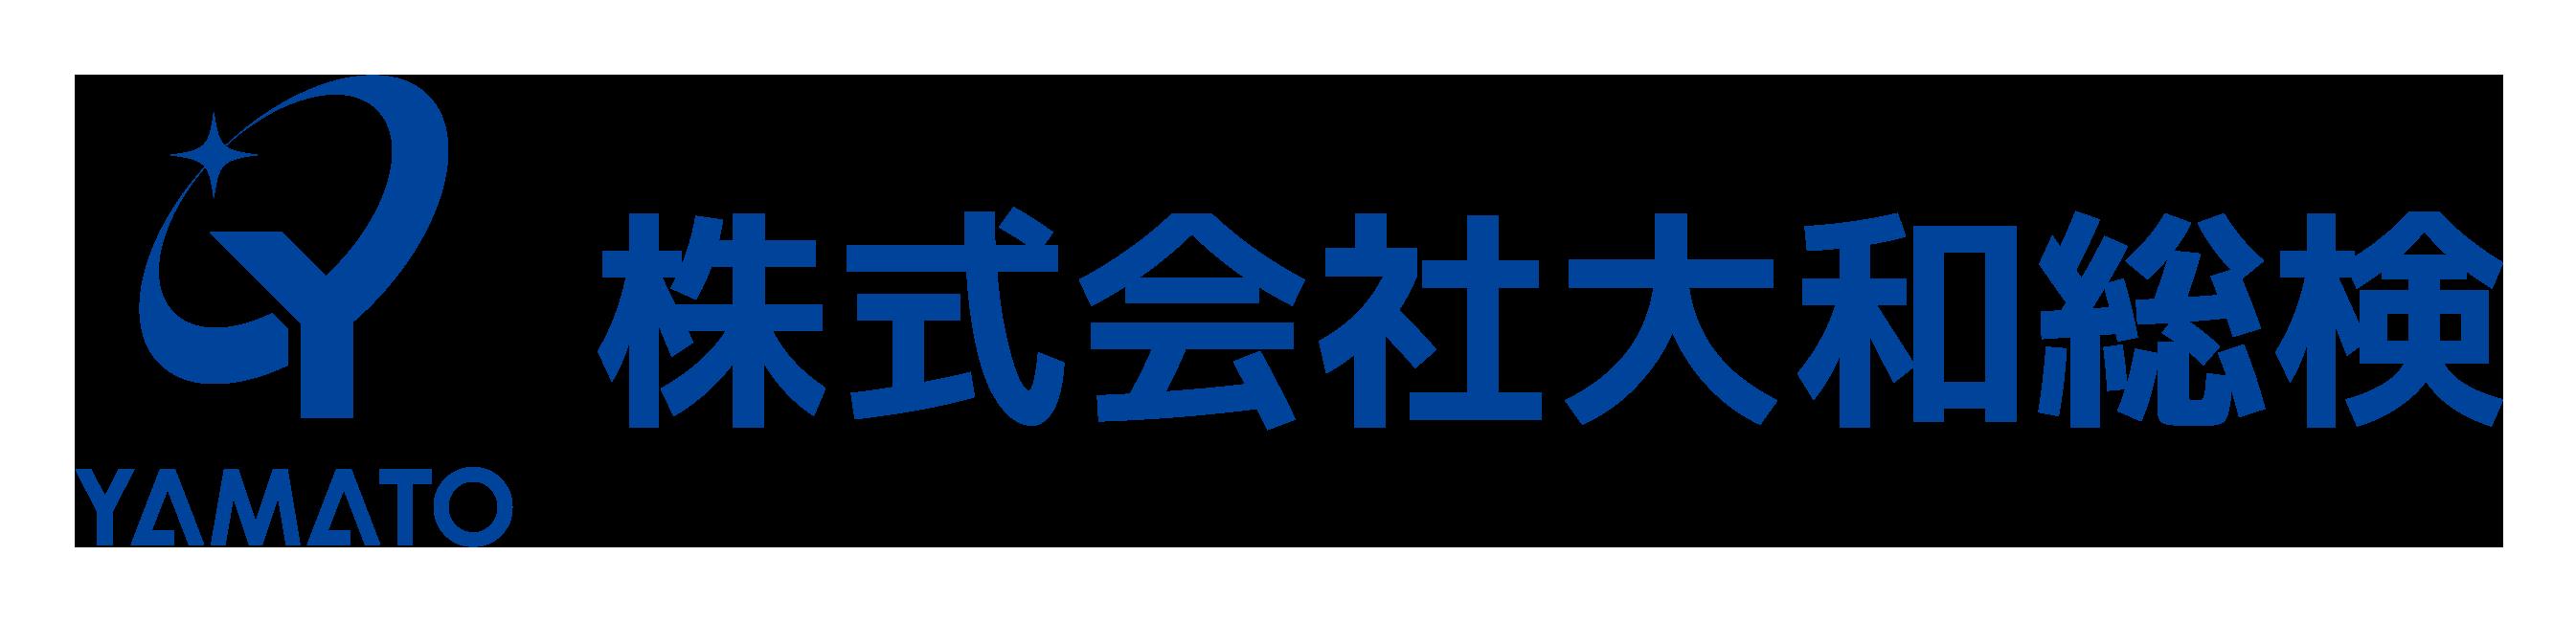 株式会社 大和総検